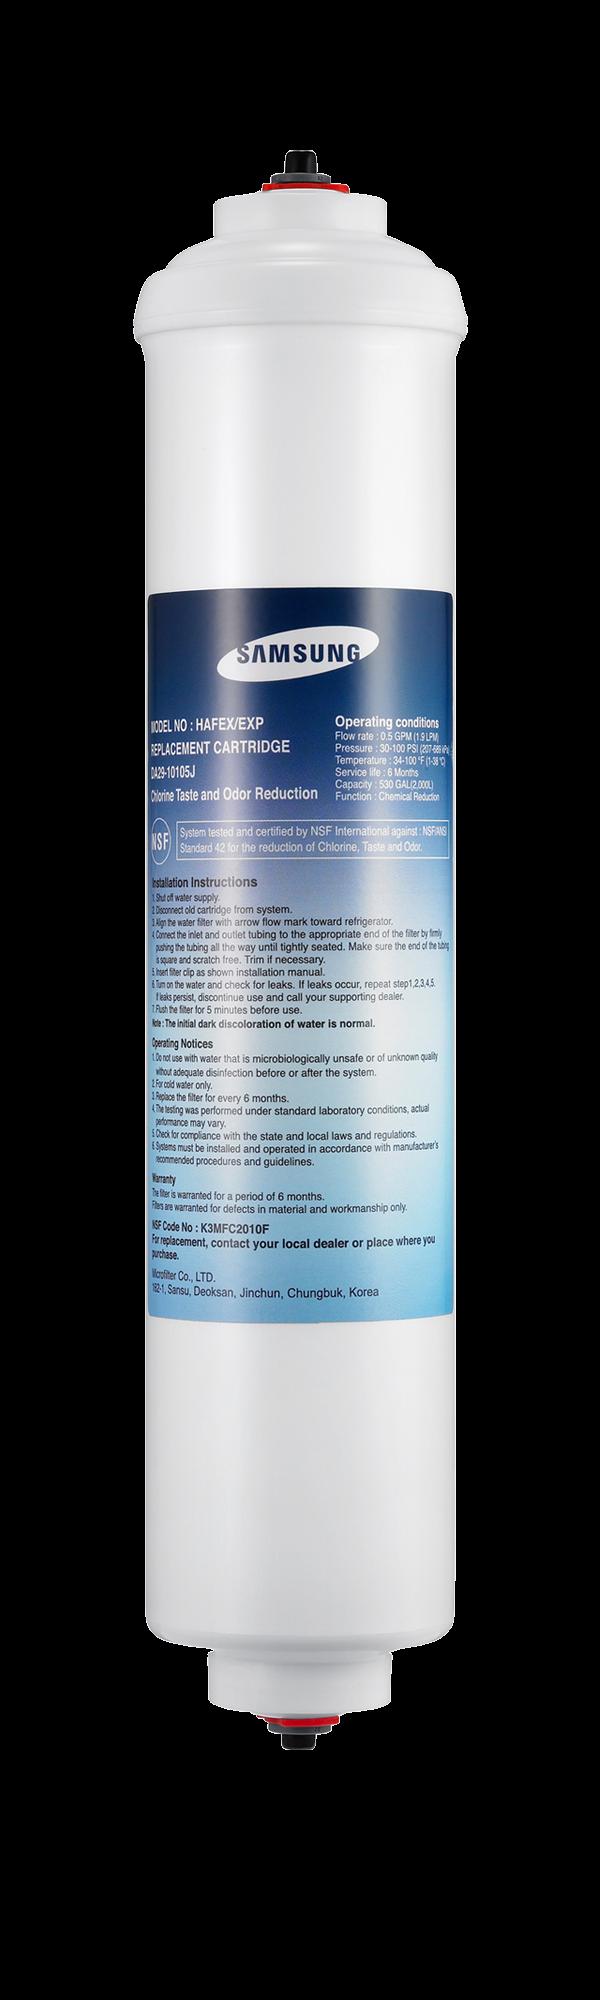 Samsung External Water Filter